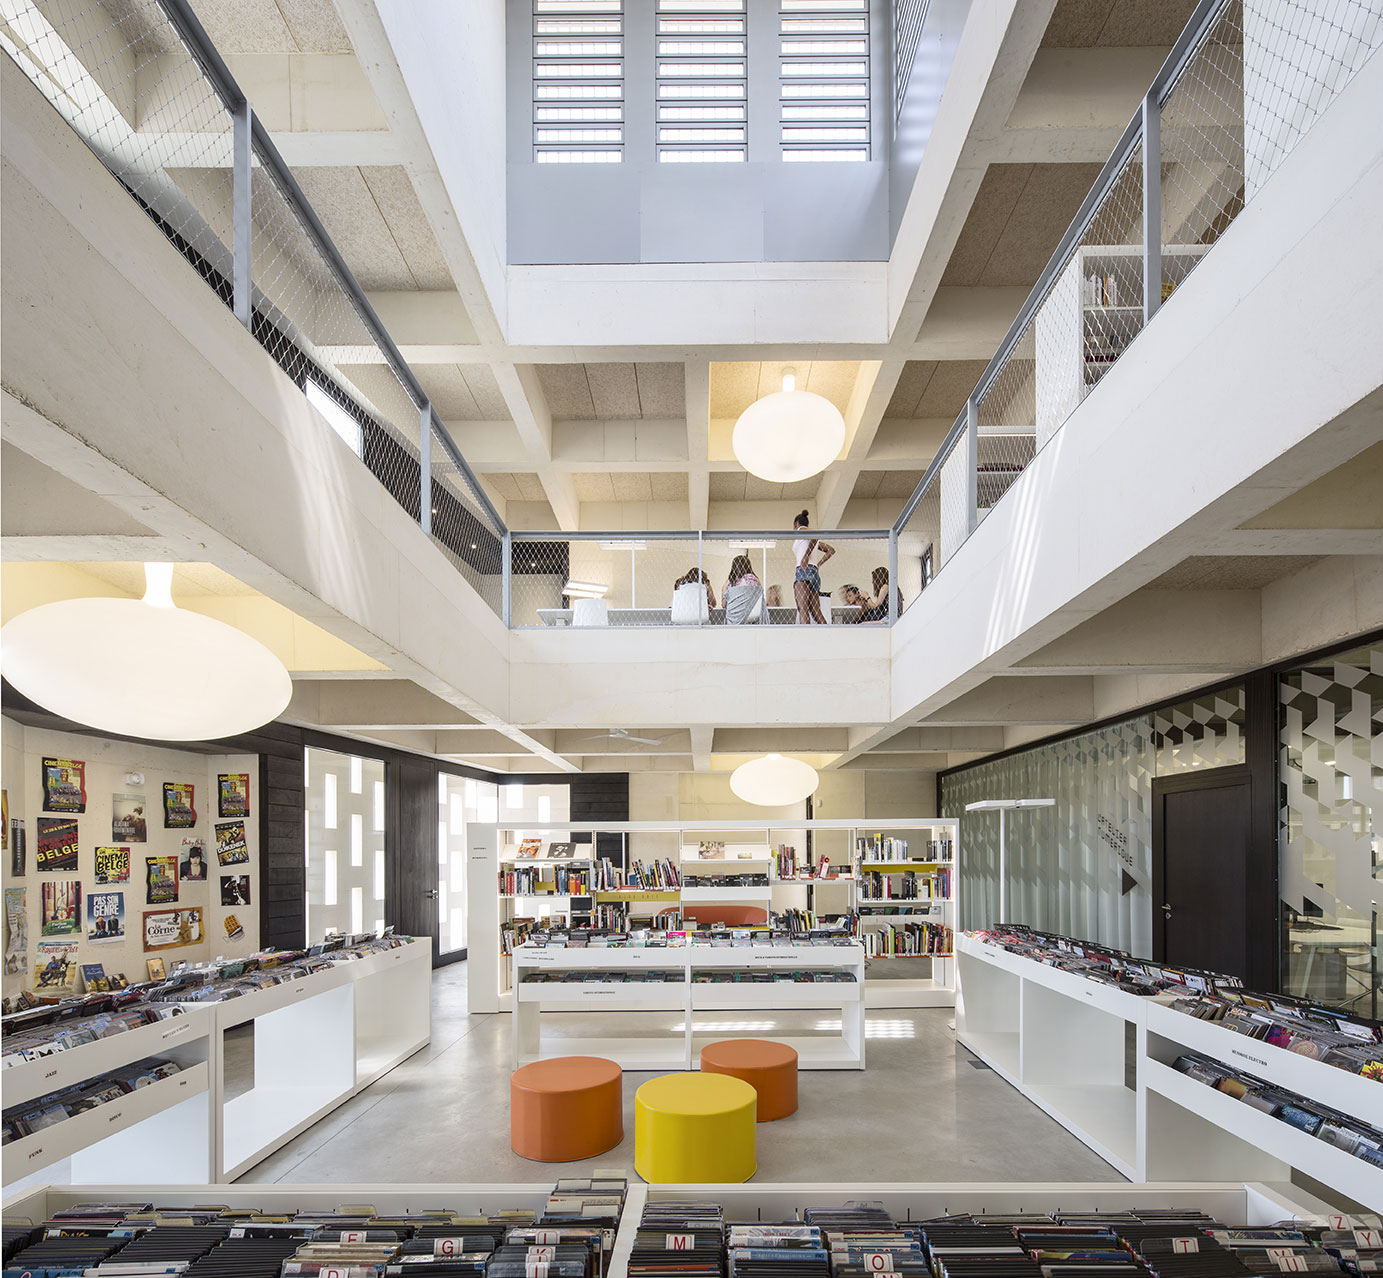 Tautem architecture - mediatheque Montaigne Frontignan - atrium